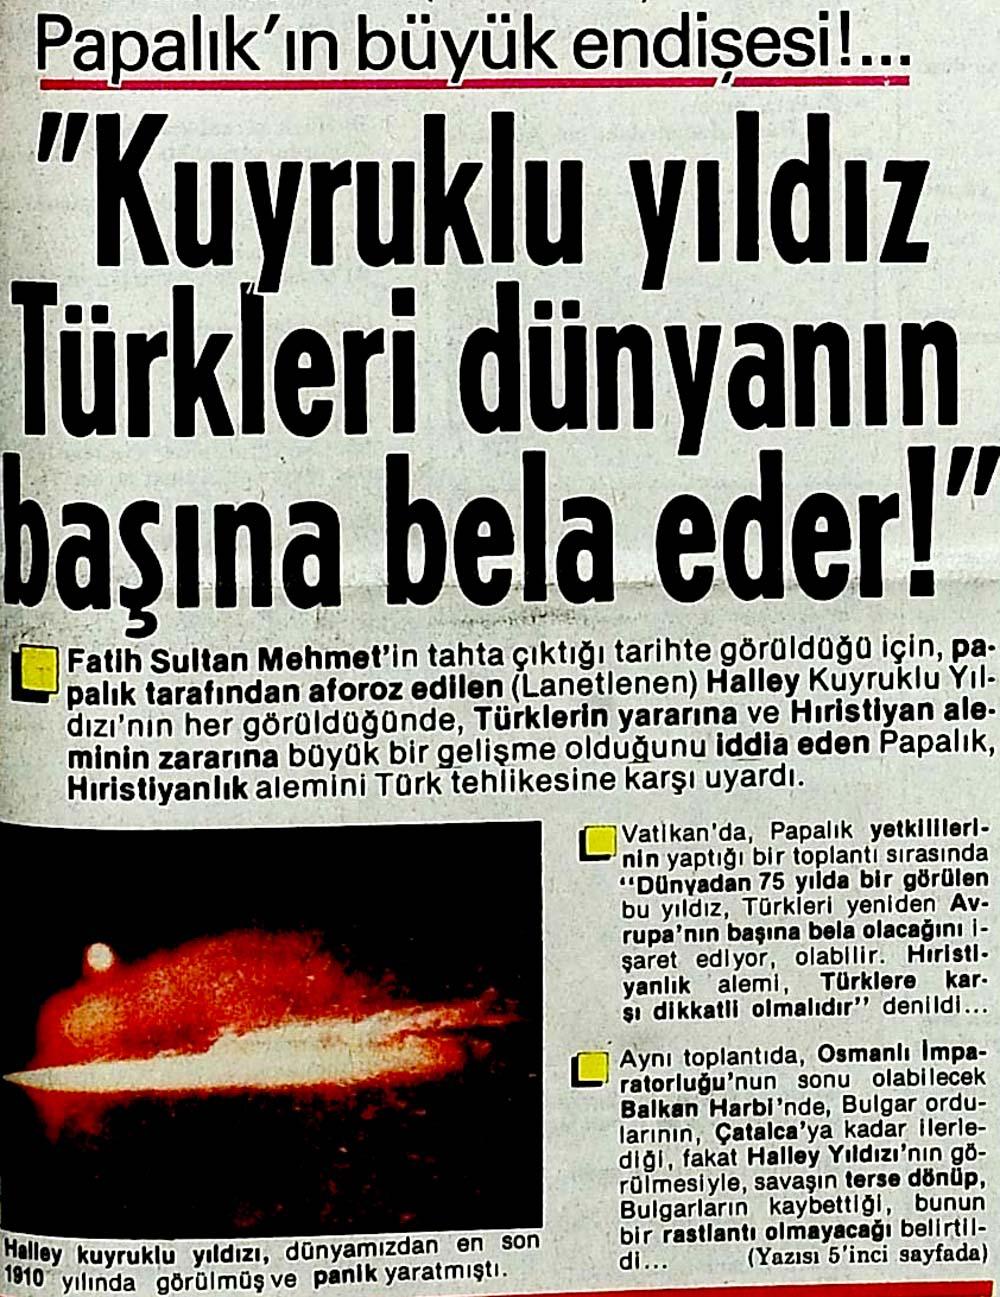 """""""Kuyruklu yıldız Türkleri dünyanın başına bela eder!"""""""